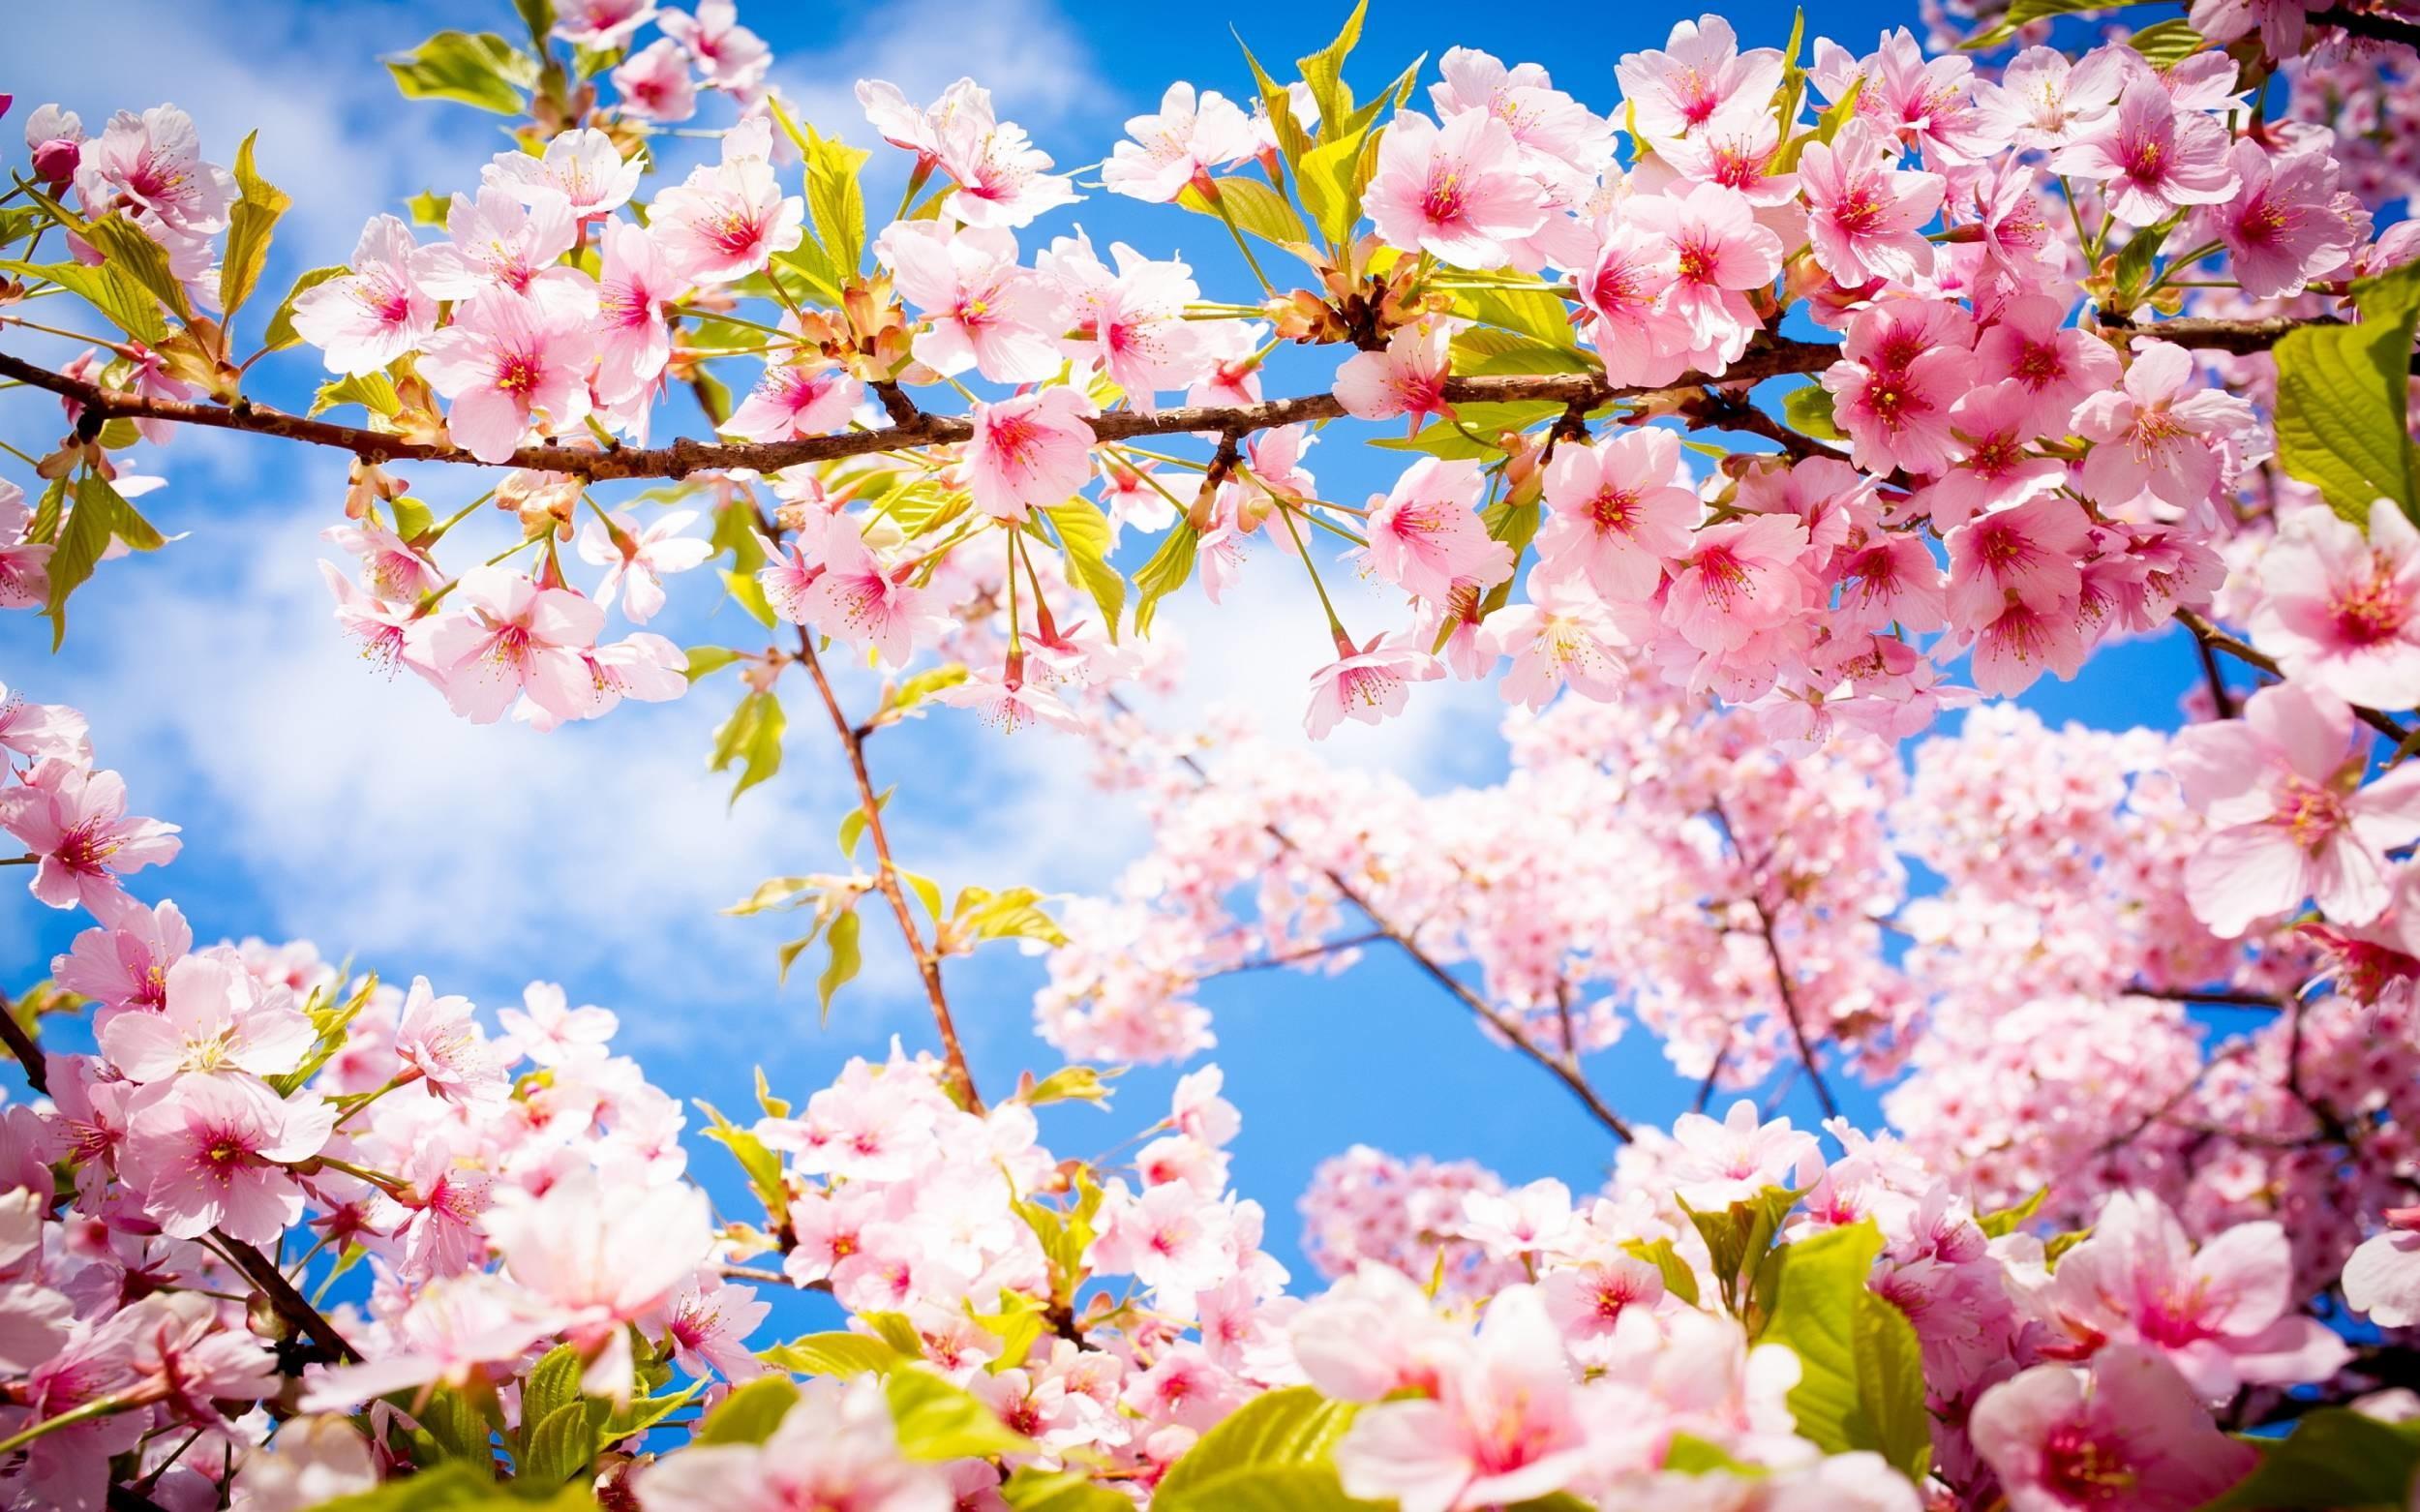 Hình ảnh mùa xuân hoa đào đua nở đẹp